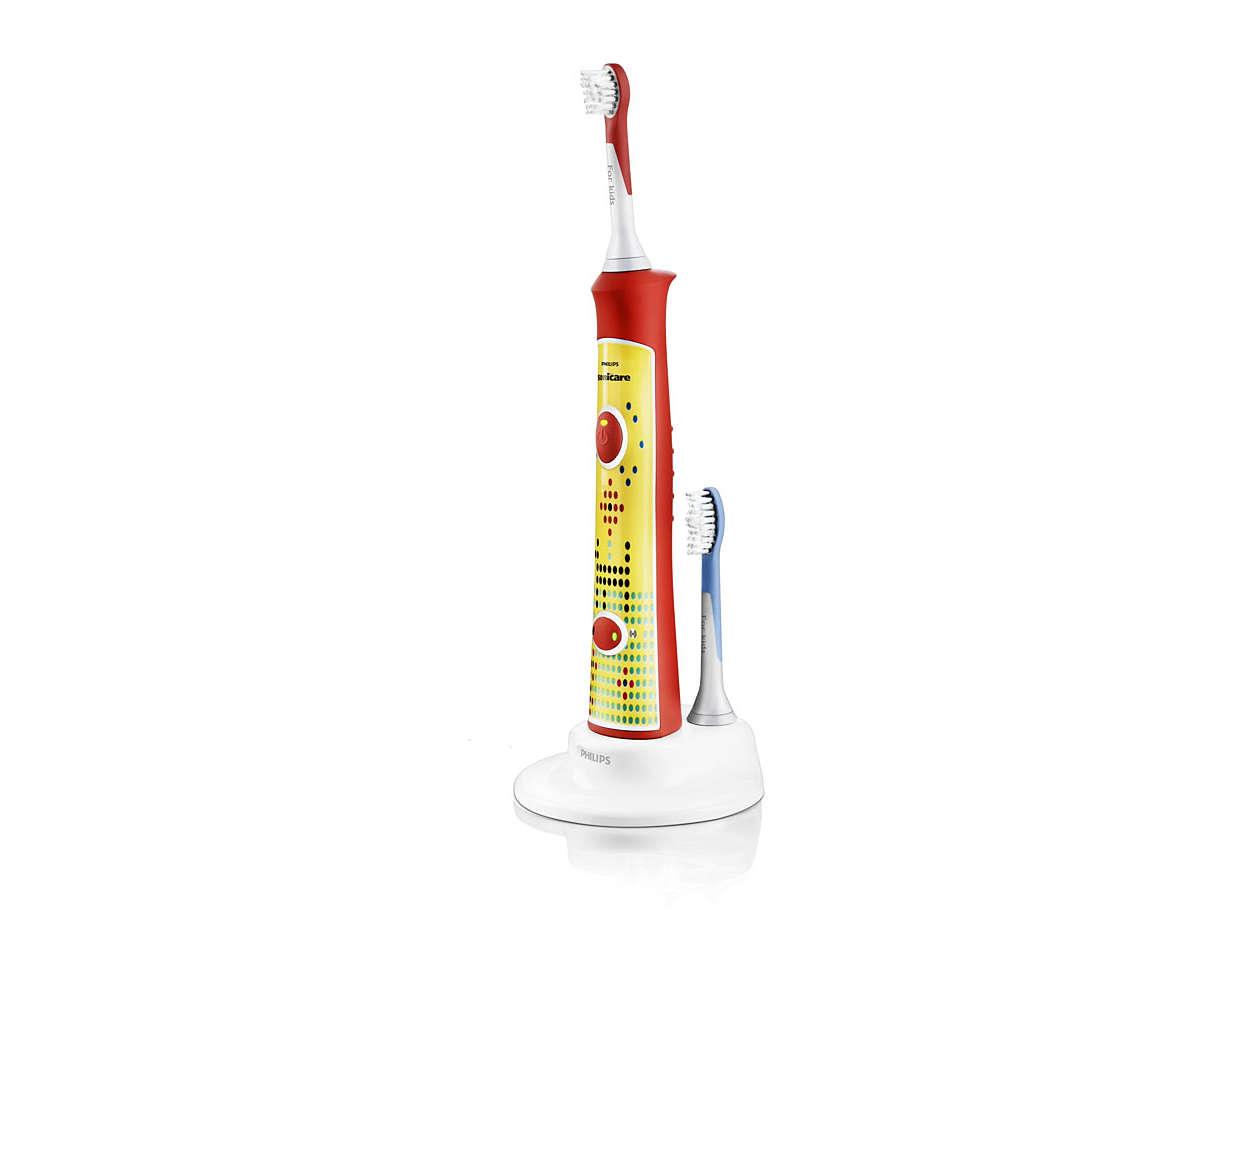 Aiuta l'igiene orale in autonomia